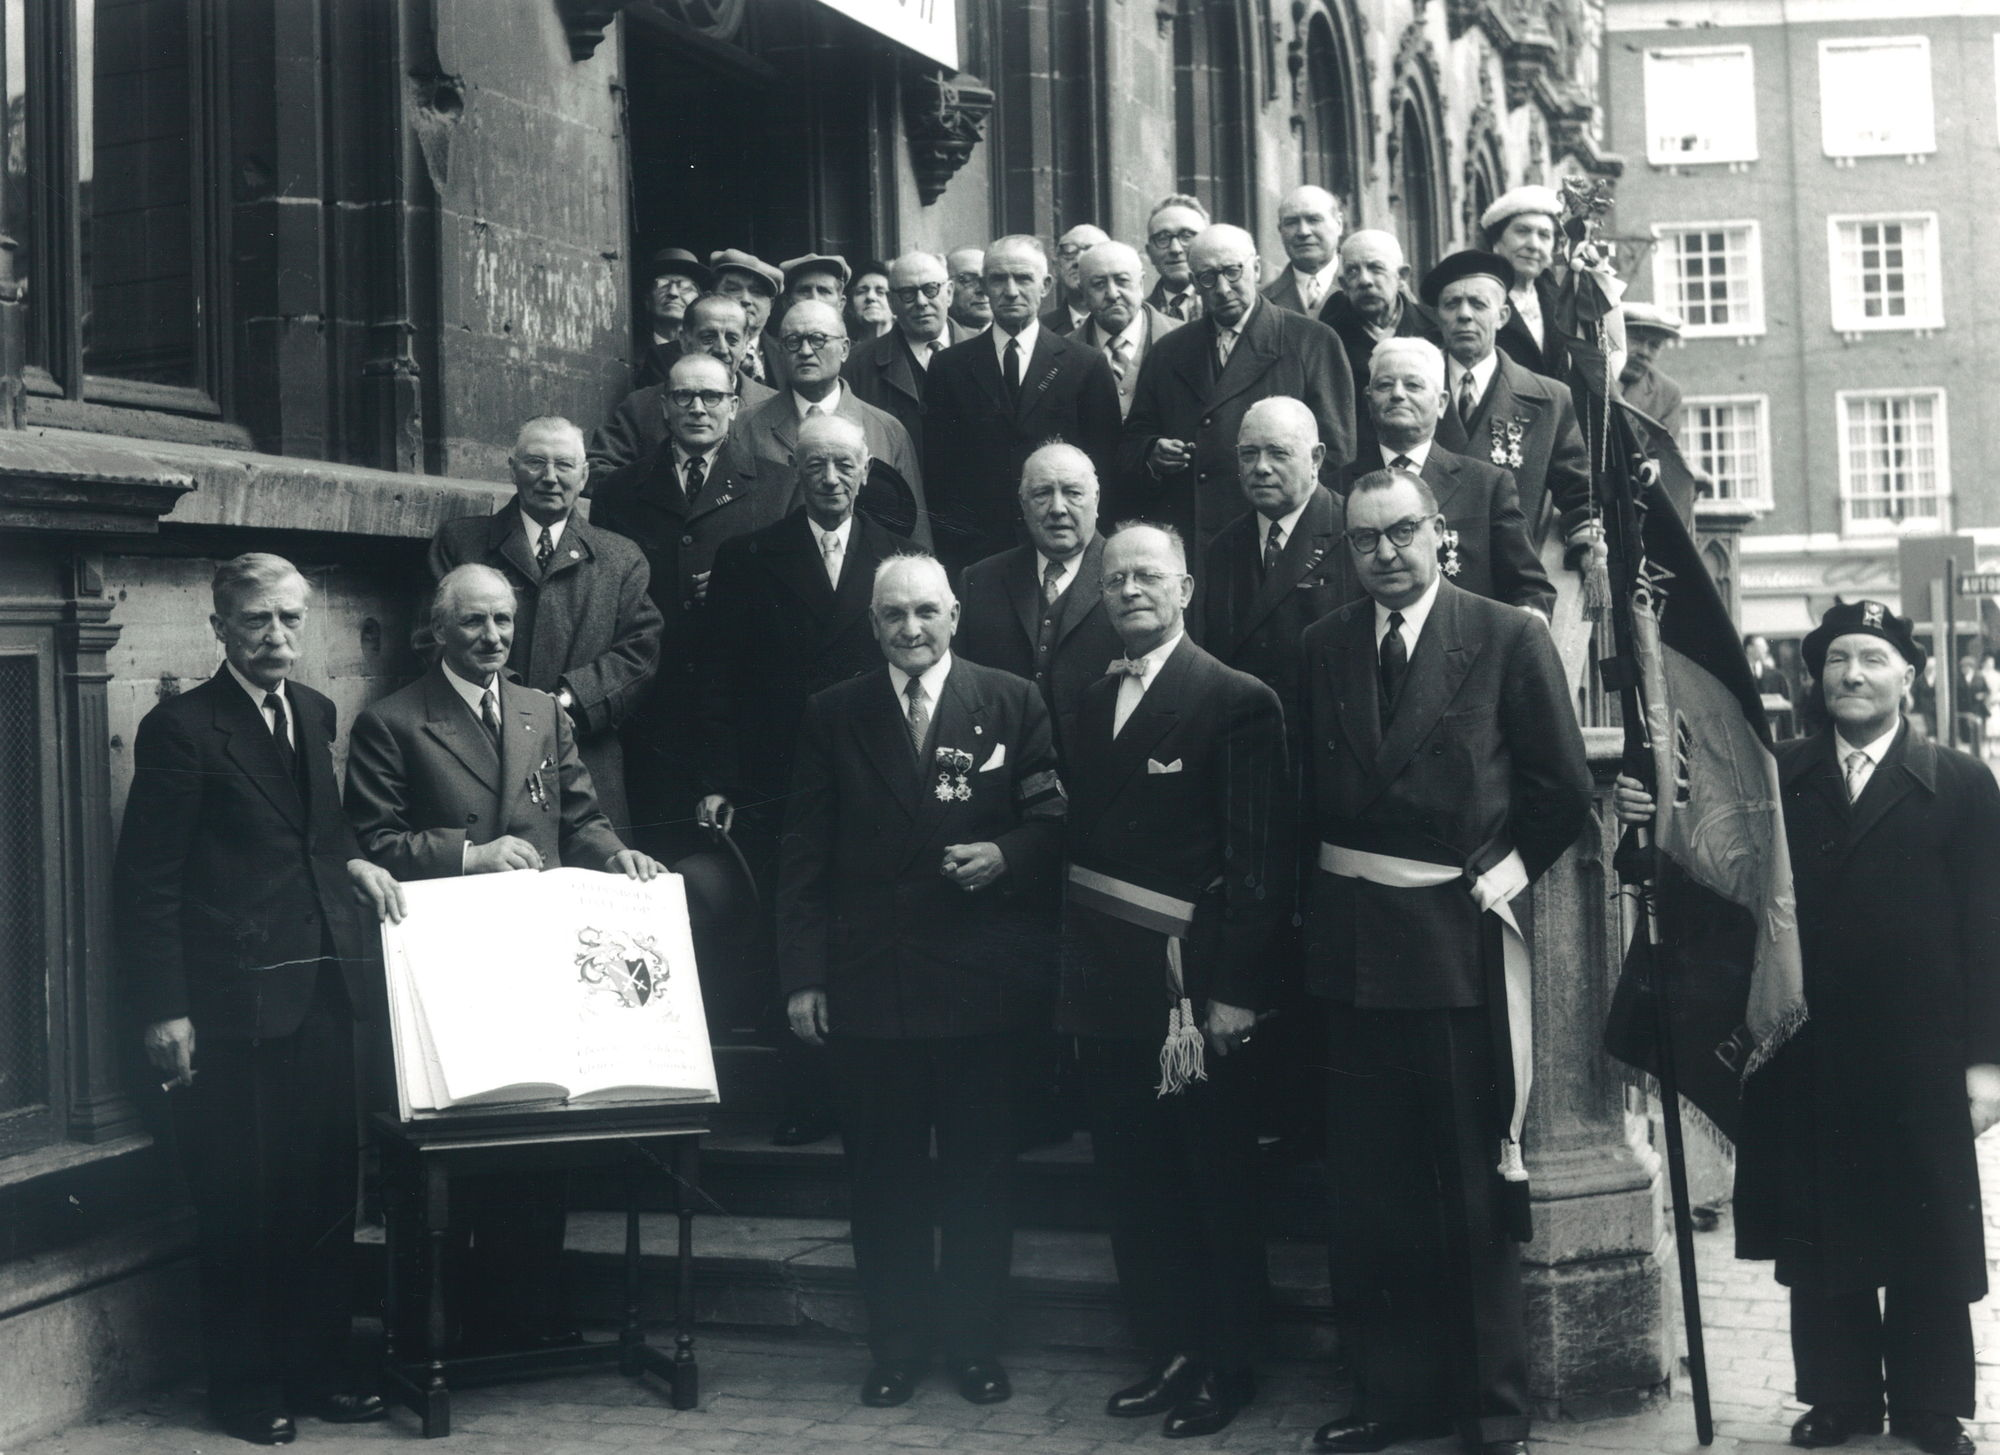 Oudstrijders 1914-1918 en 1940-1945